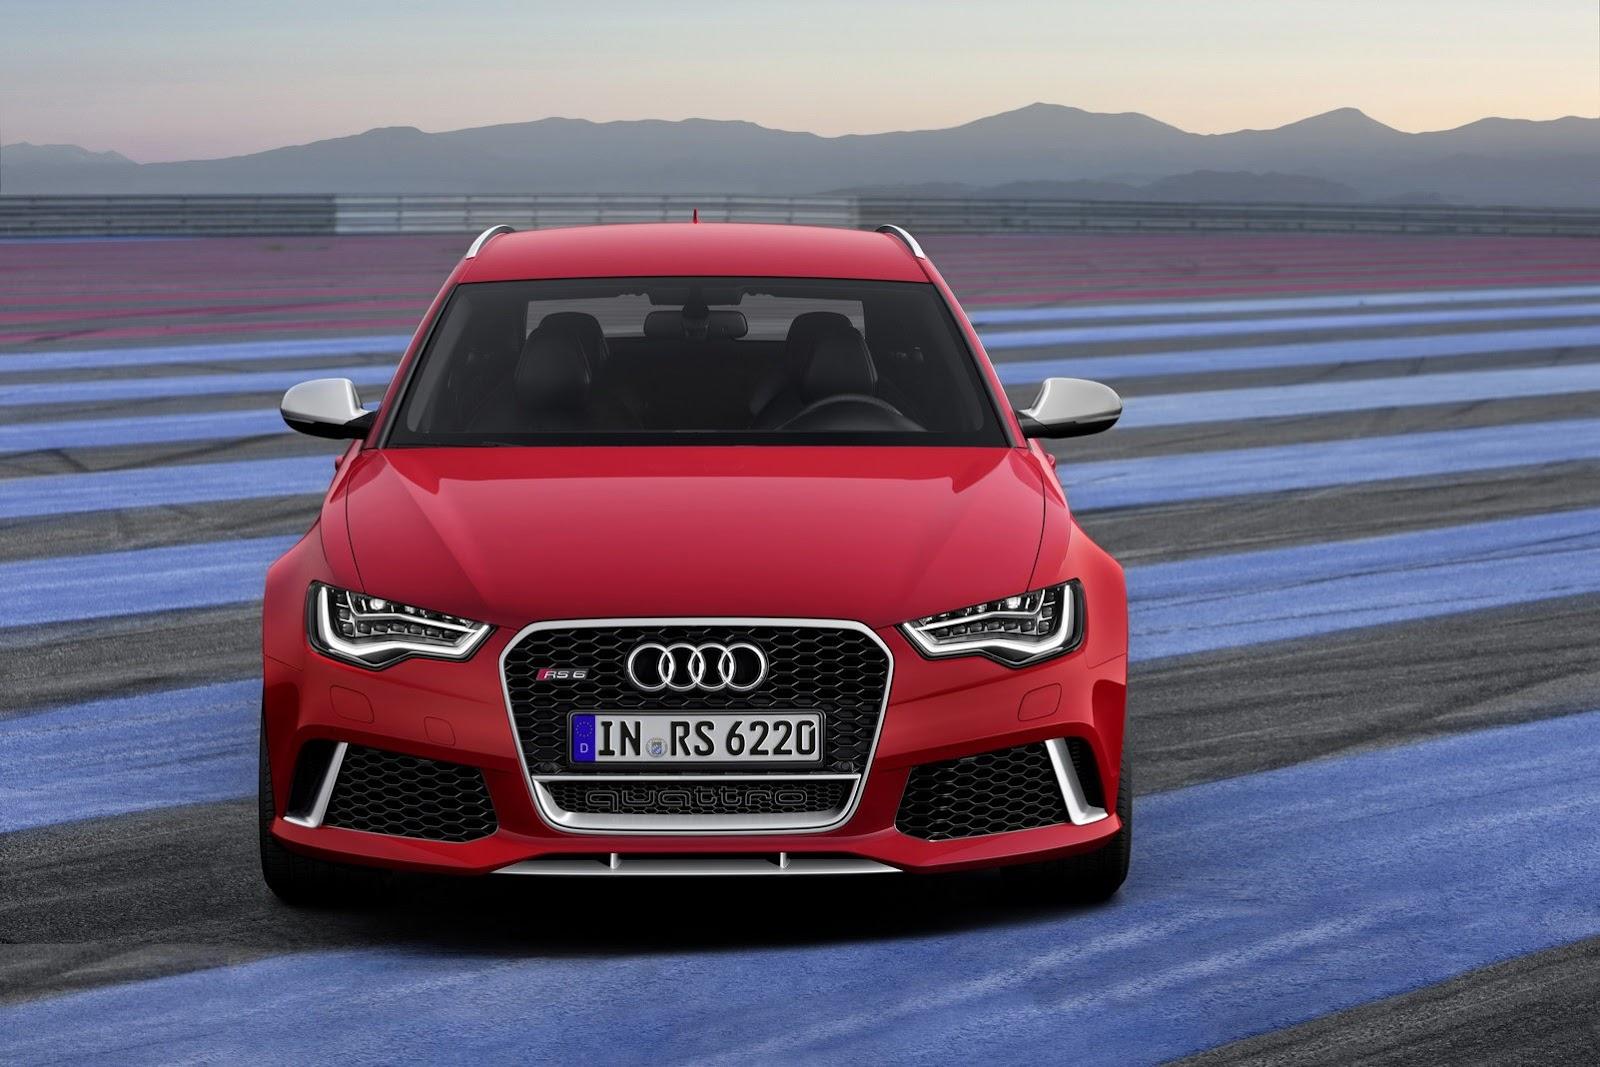 2014 Audi RS6 Avant Front View